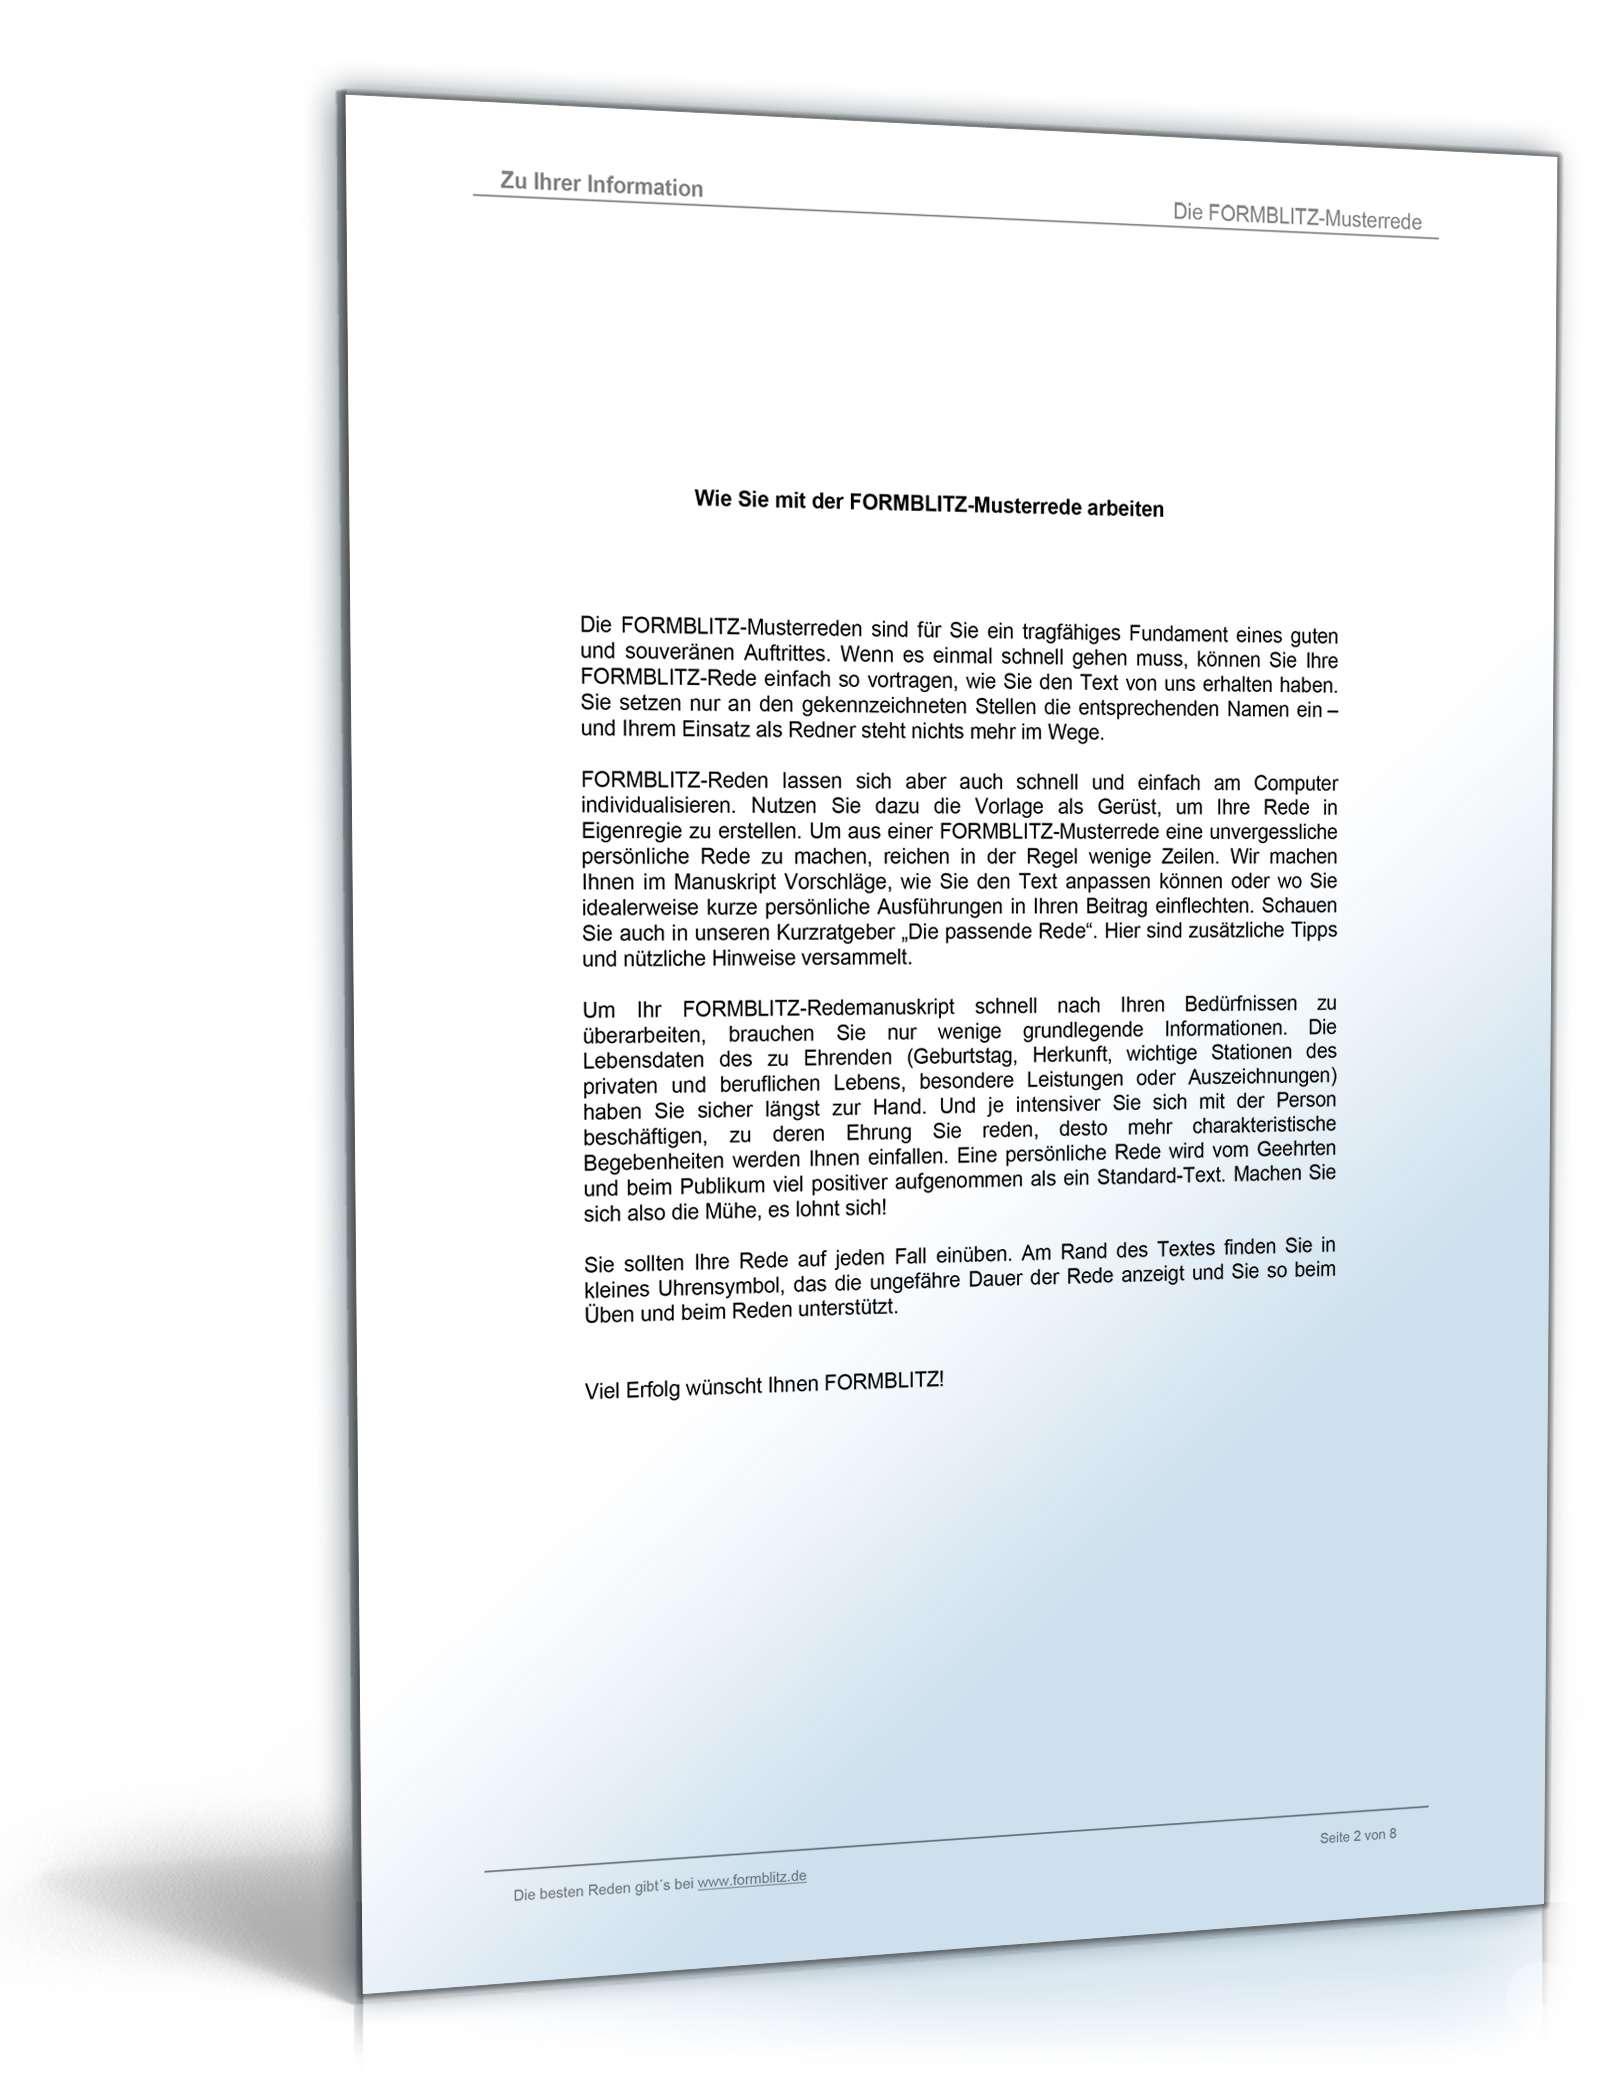 Muster-Rede zum 50. Geburtstag Dokument zum Download